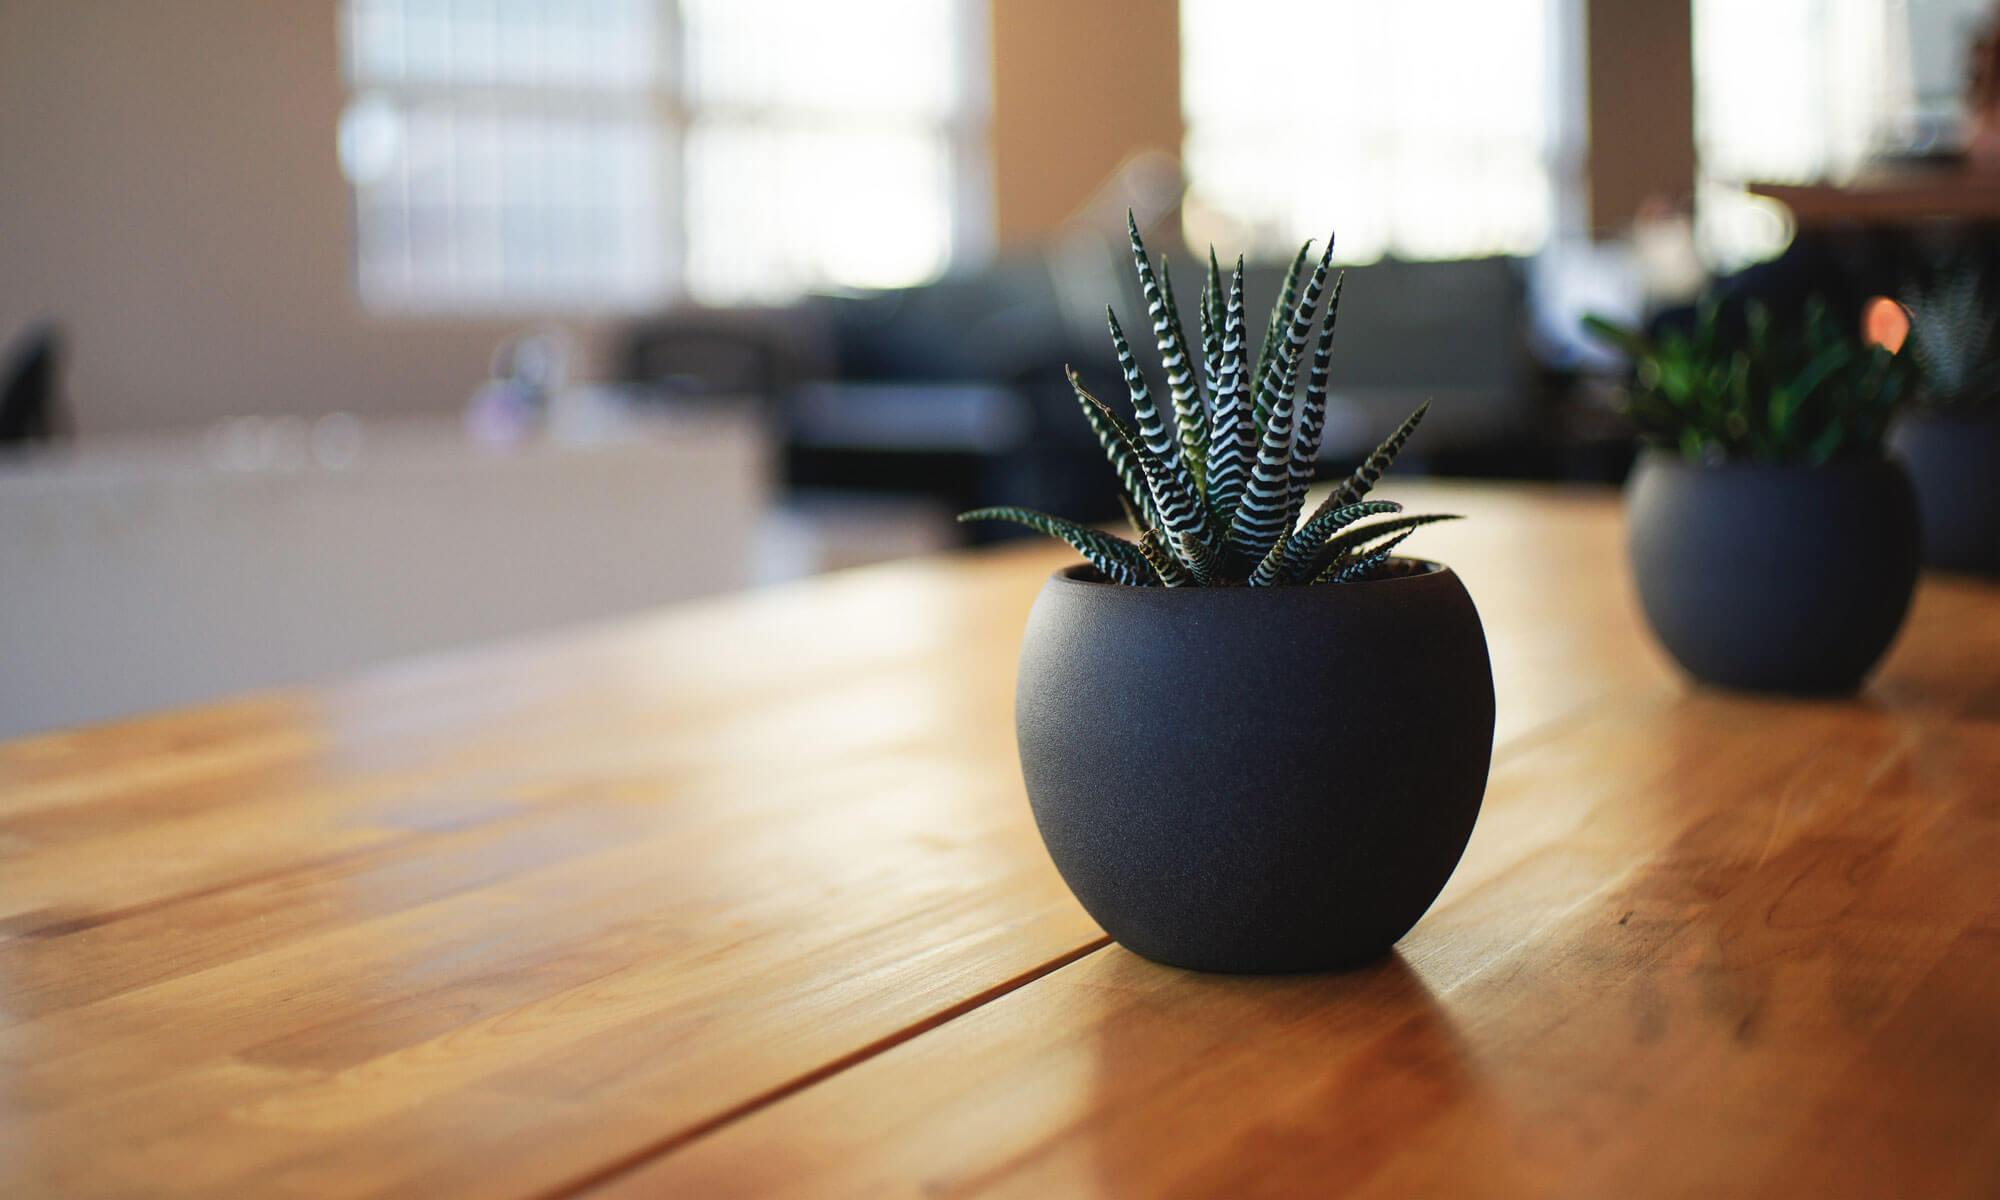 株式会社リファインド staff blog